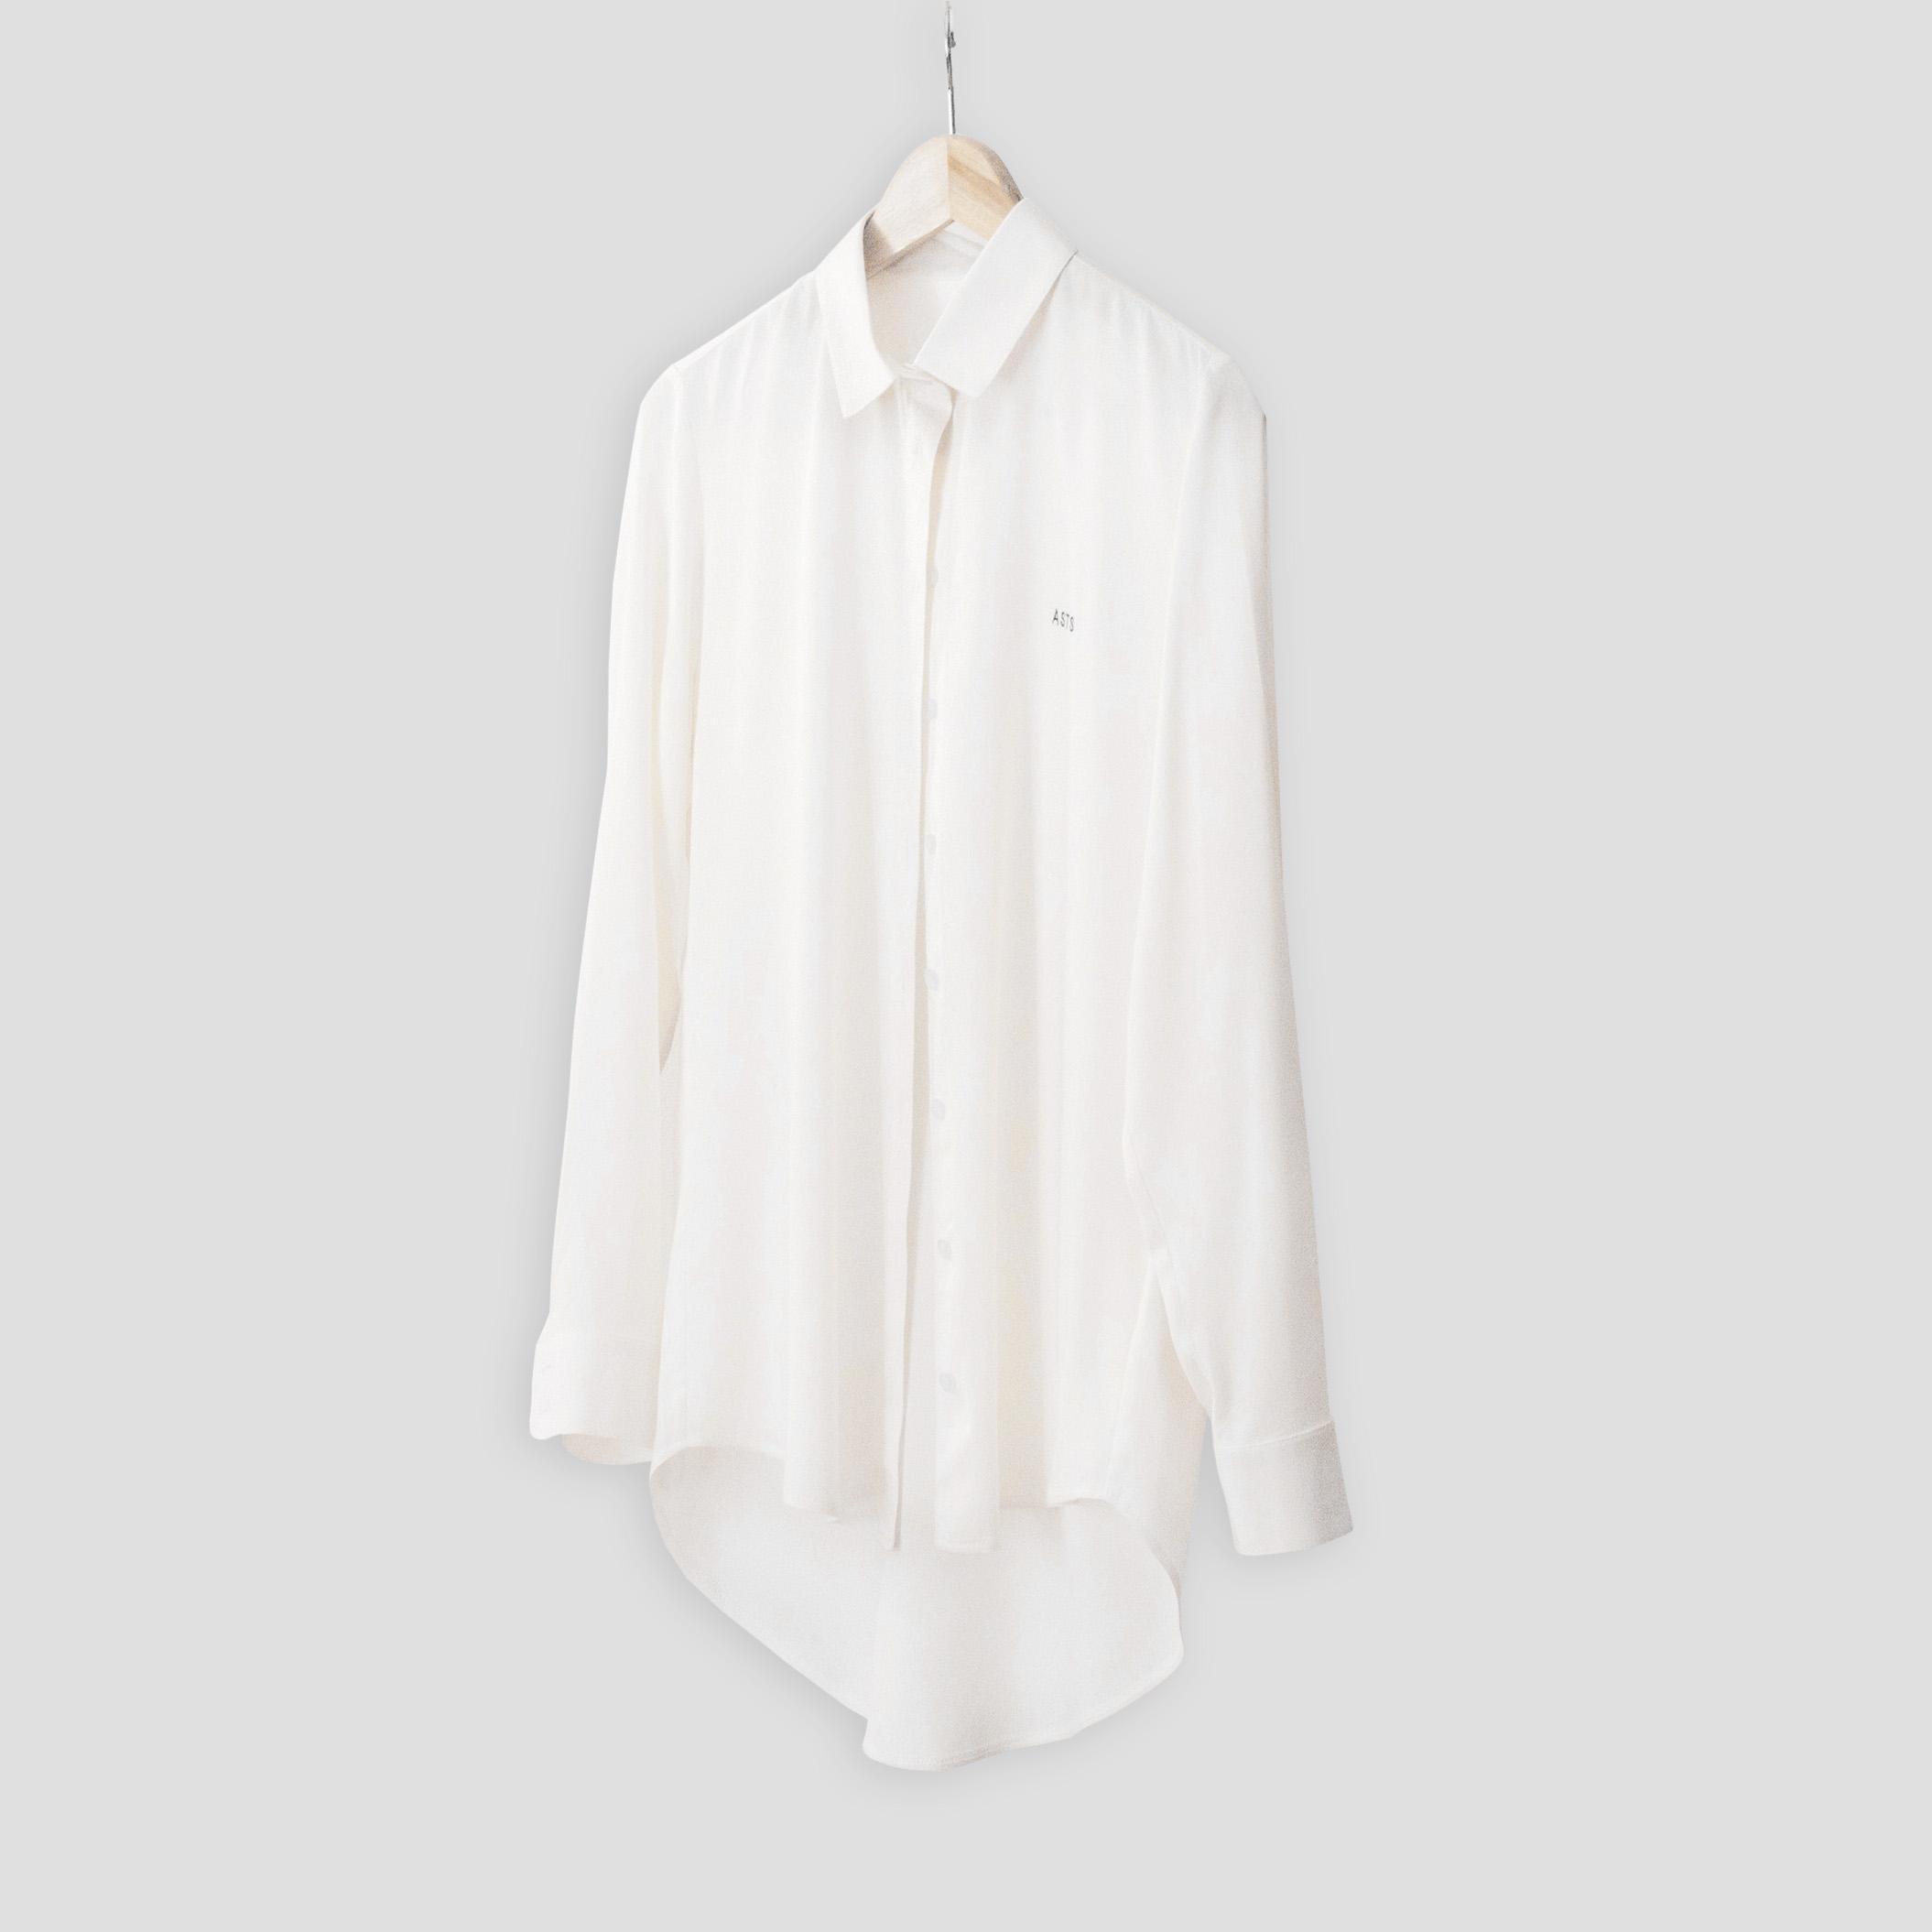 Zdjęcie produktu SUMMER ROMANCE - koszula